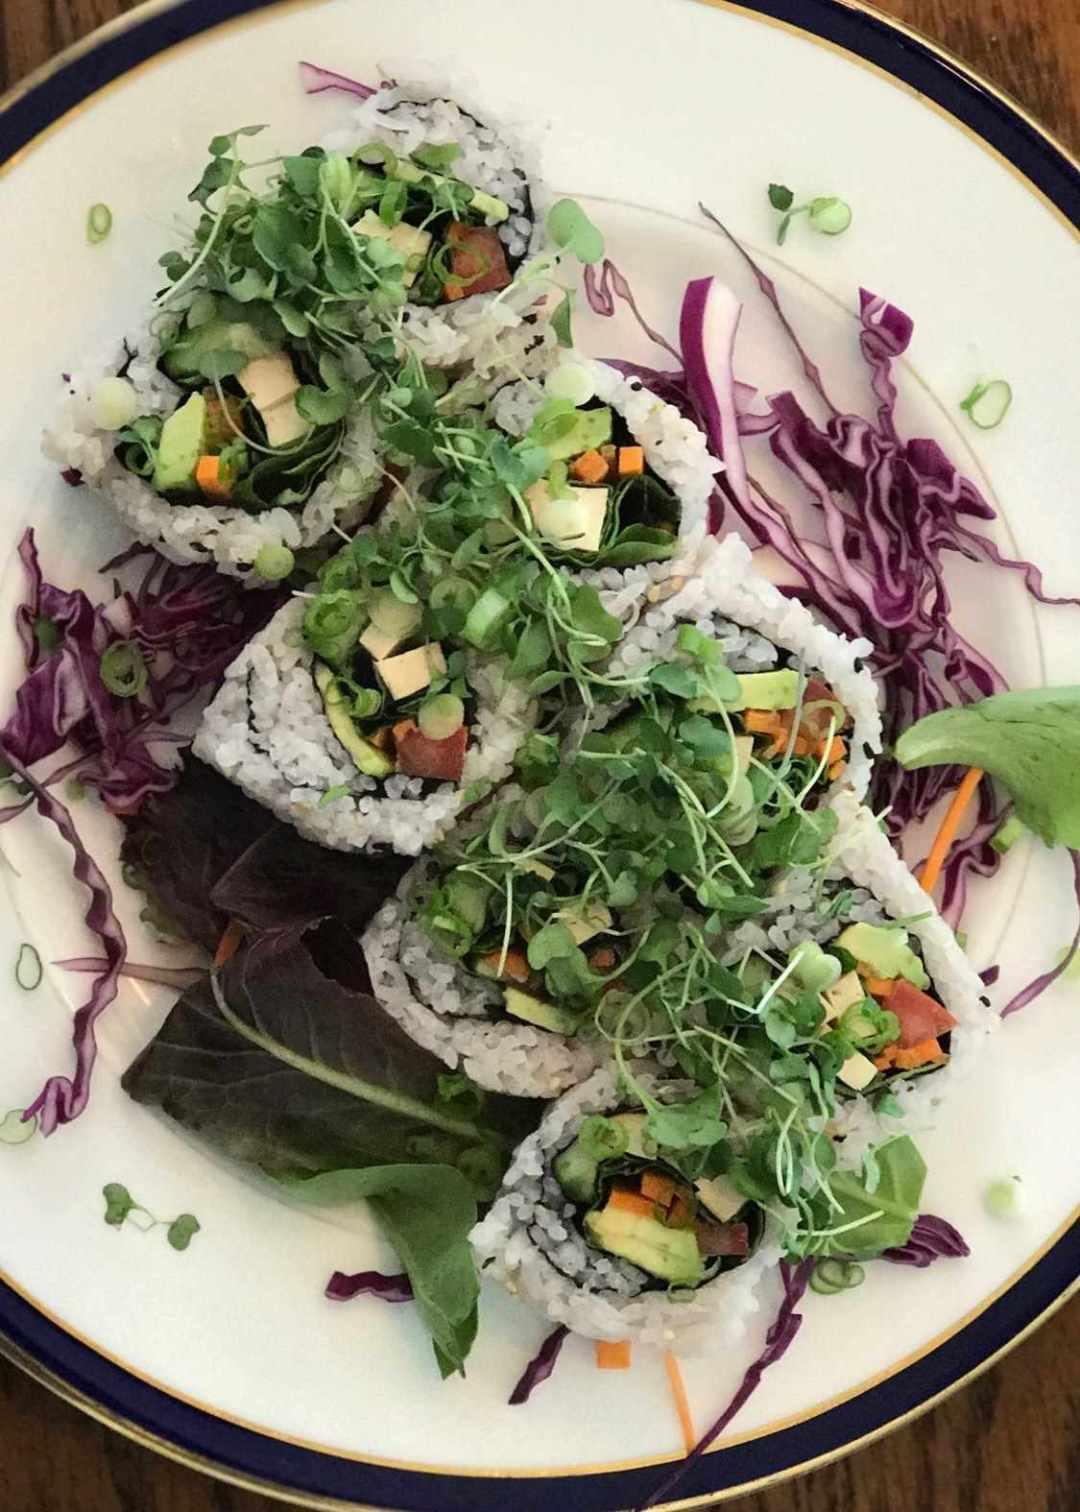 LBL Brenda Wong Vegan Sushi Overhead 4:13:17